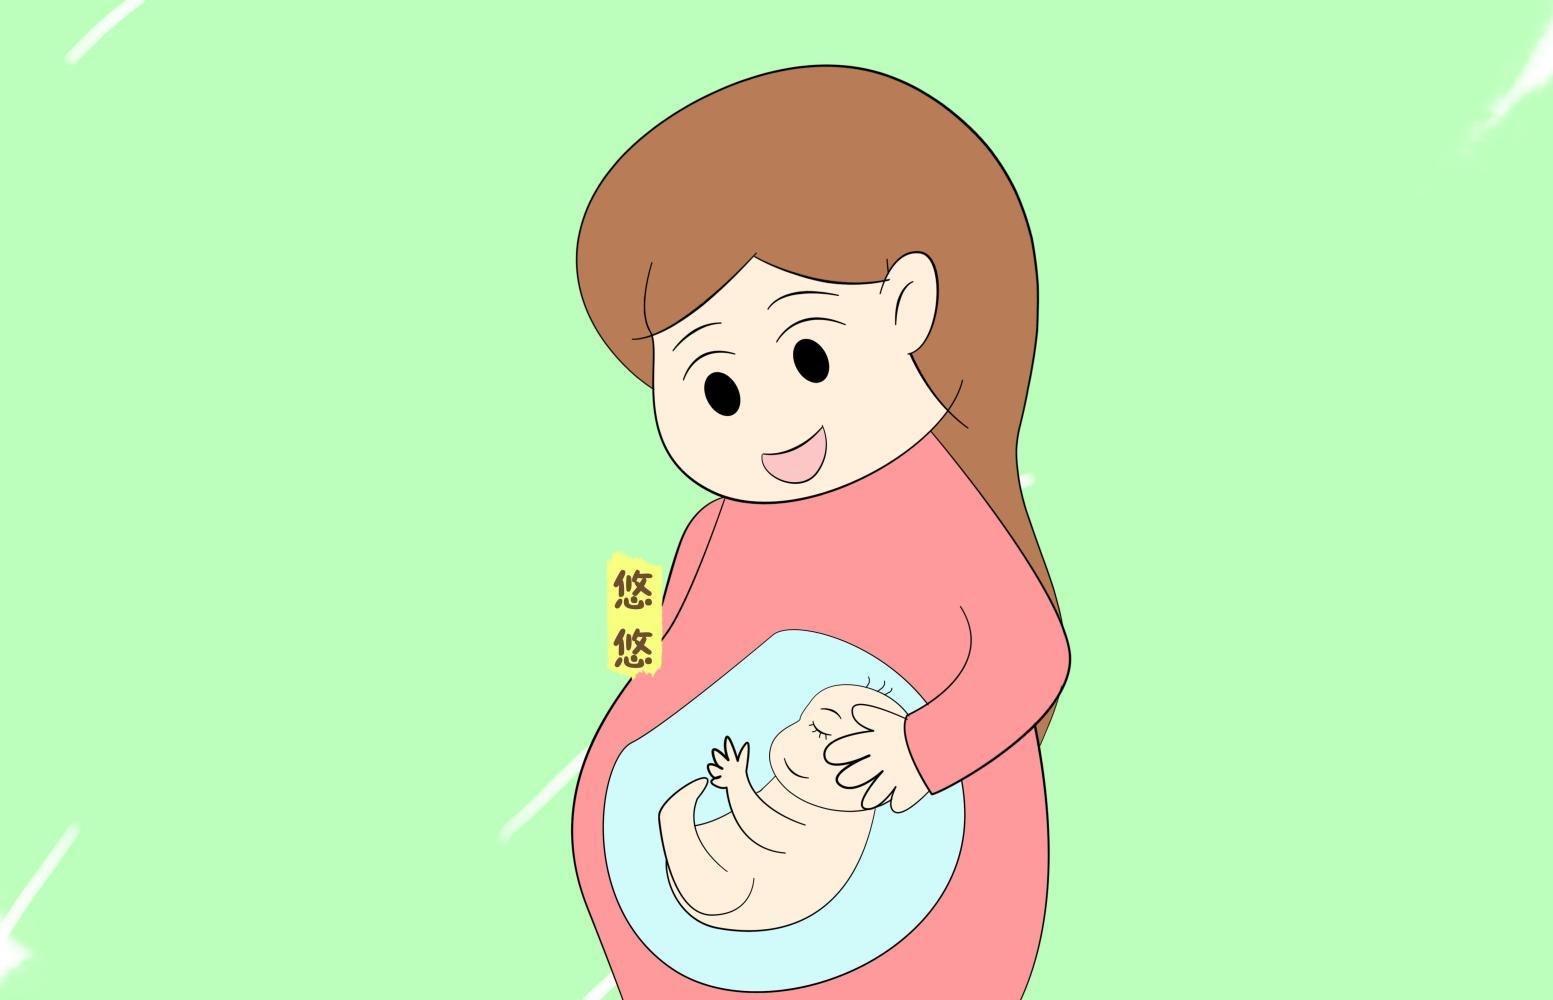 孕期做四维检查, 多注意这五点, 过程会更顺利